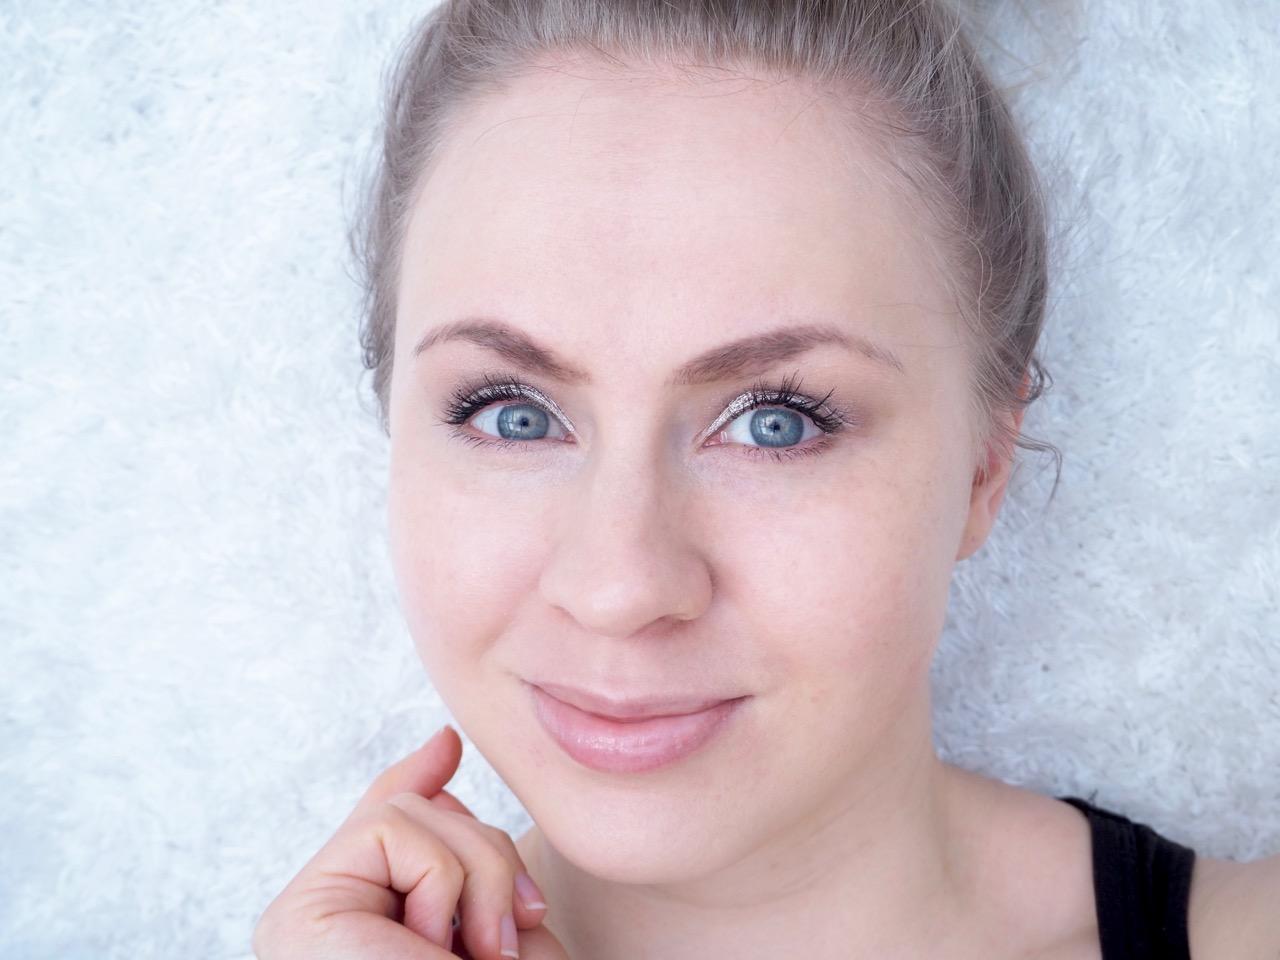 Luonnonmukainen meikkivoide Korento voidemainen meikkipohja kokemuksia Virve Fredman